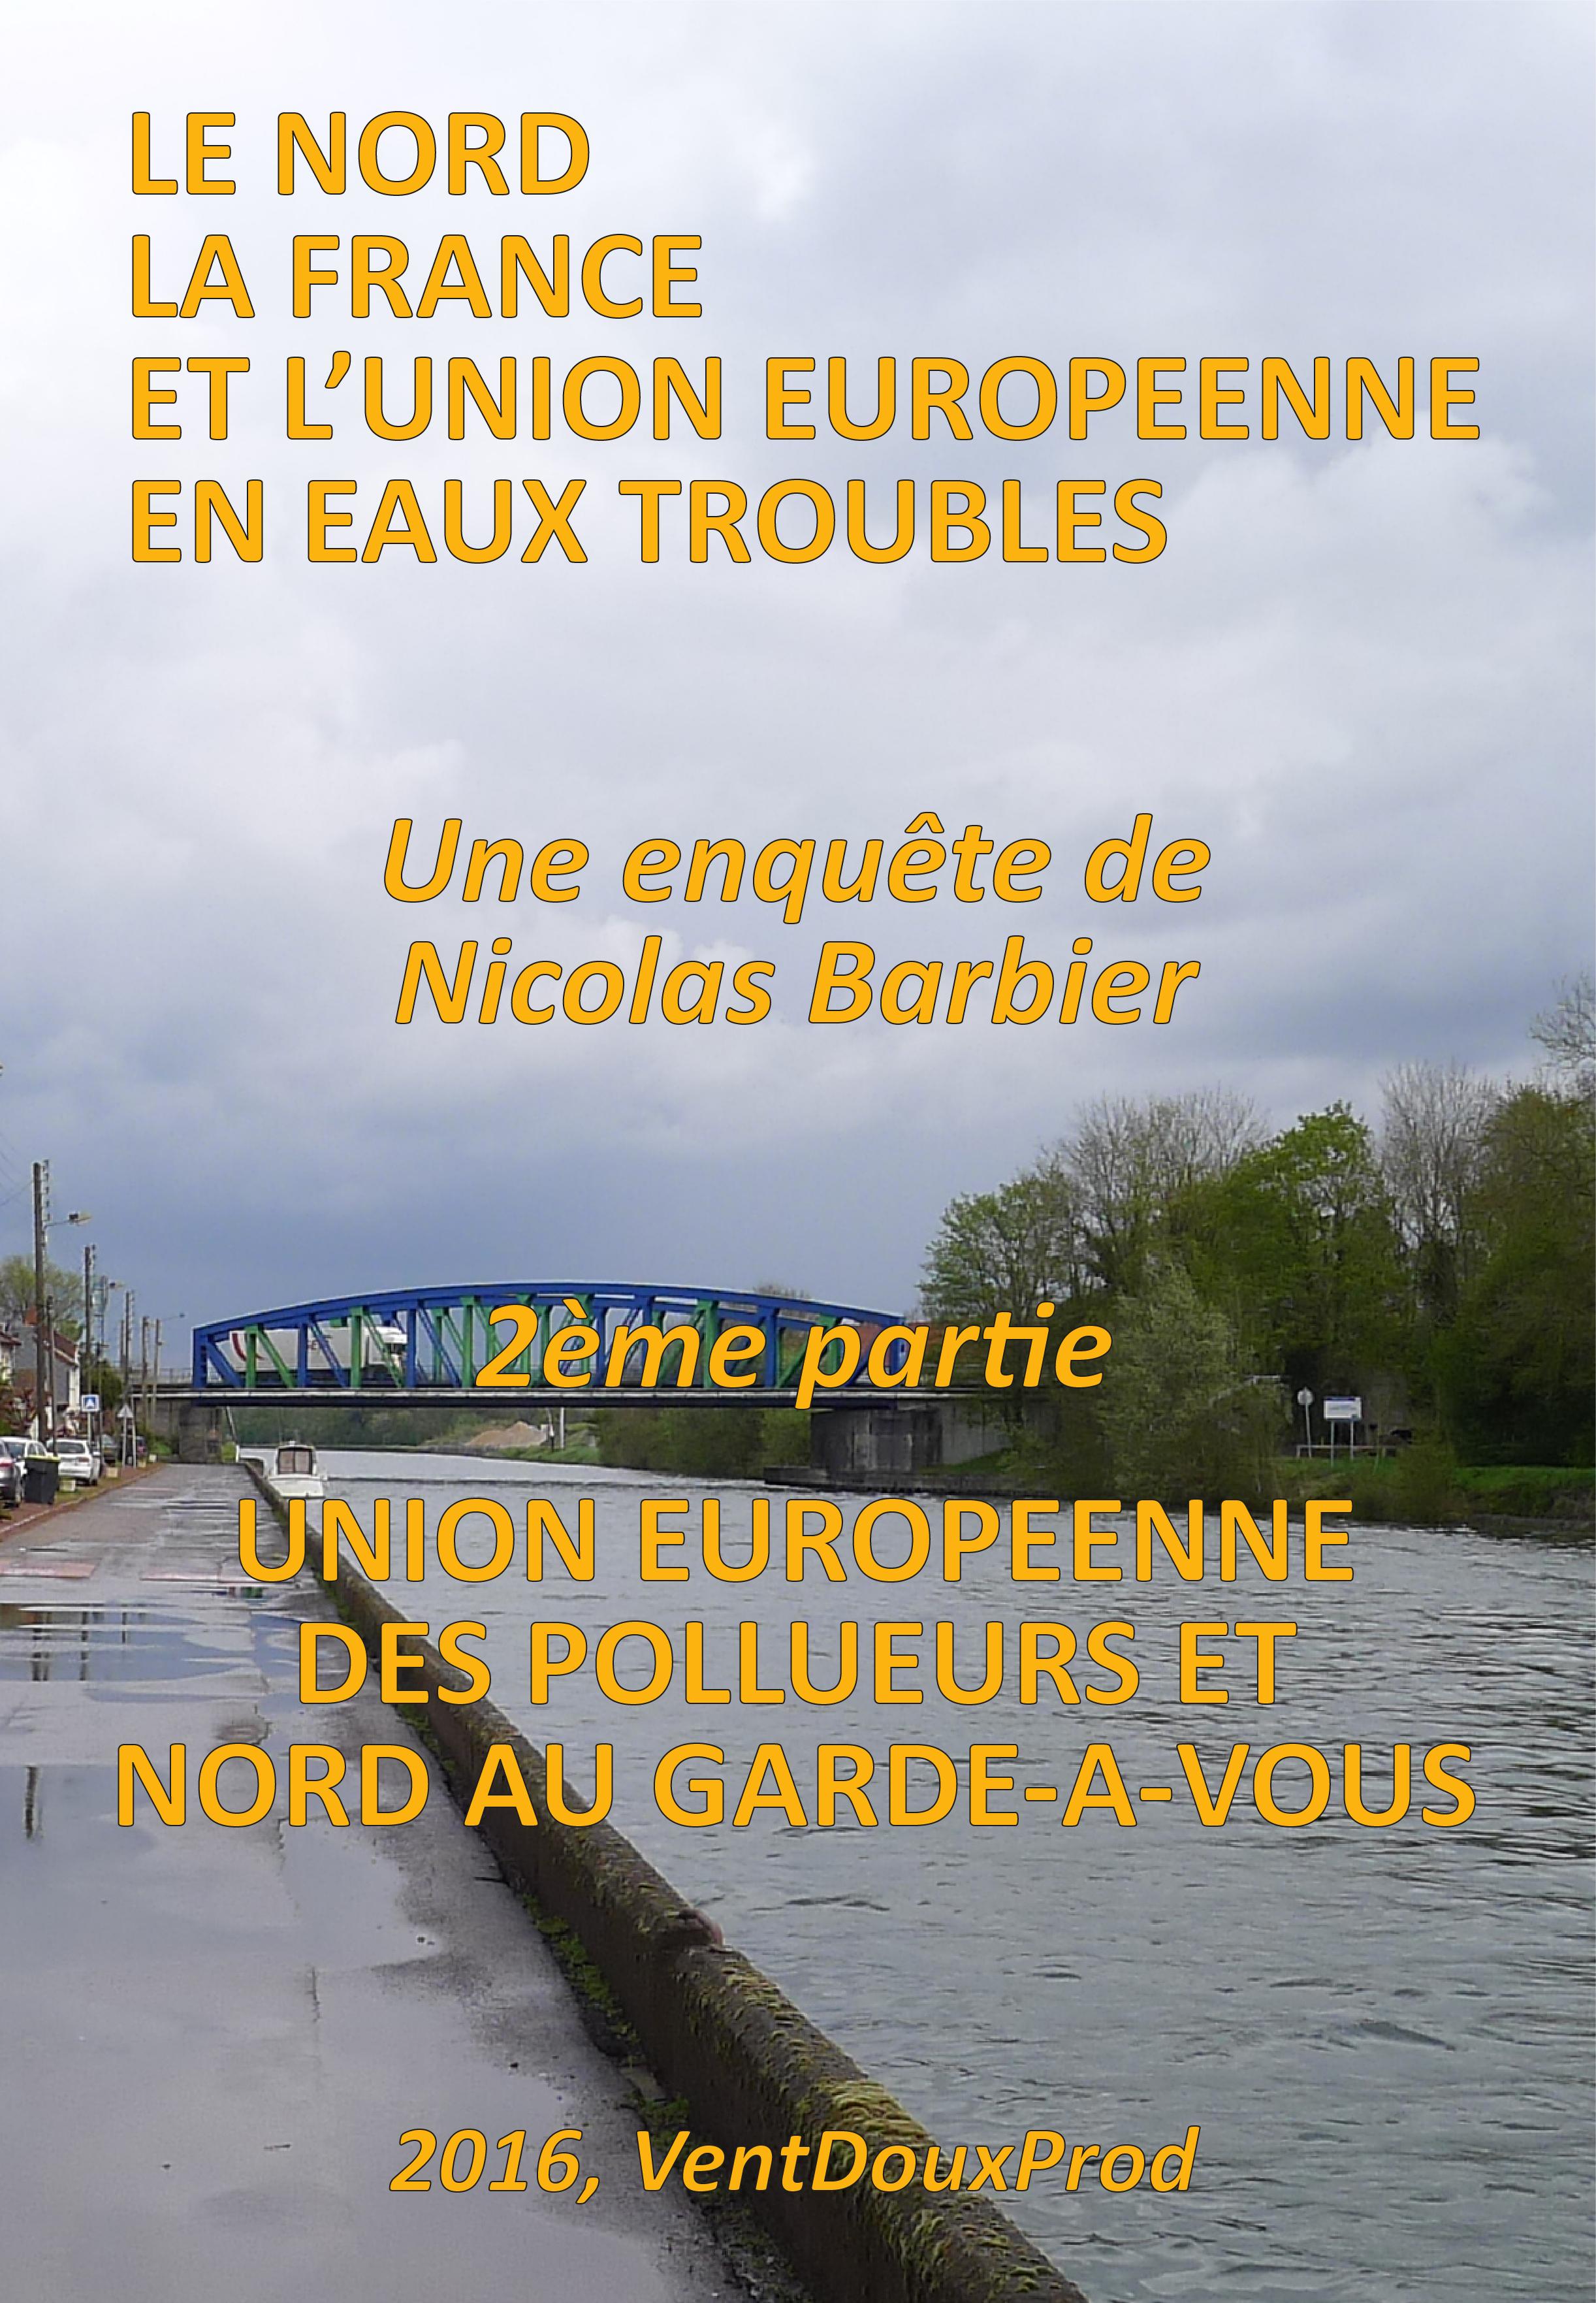 ventdouxprod barbier affiche eau union europe pollueurs artois-picardie hauts-de-france pollution république démocratie france UE DCE